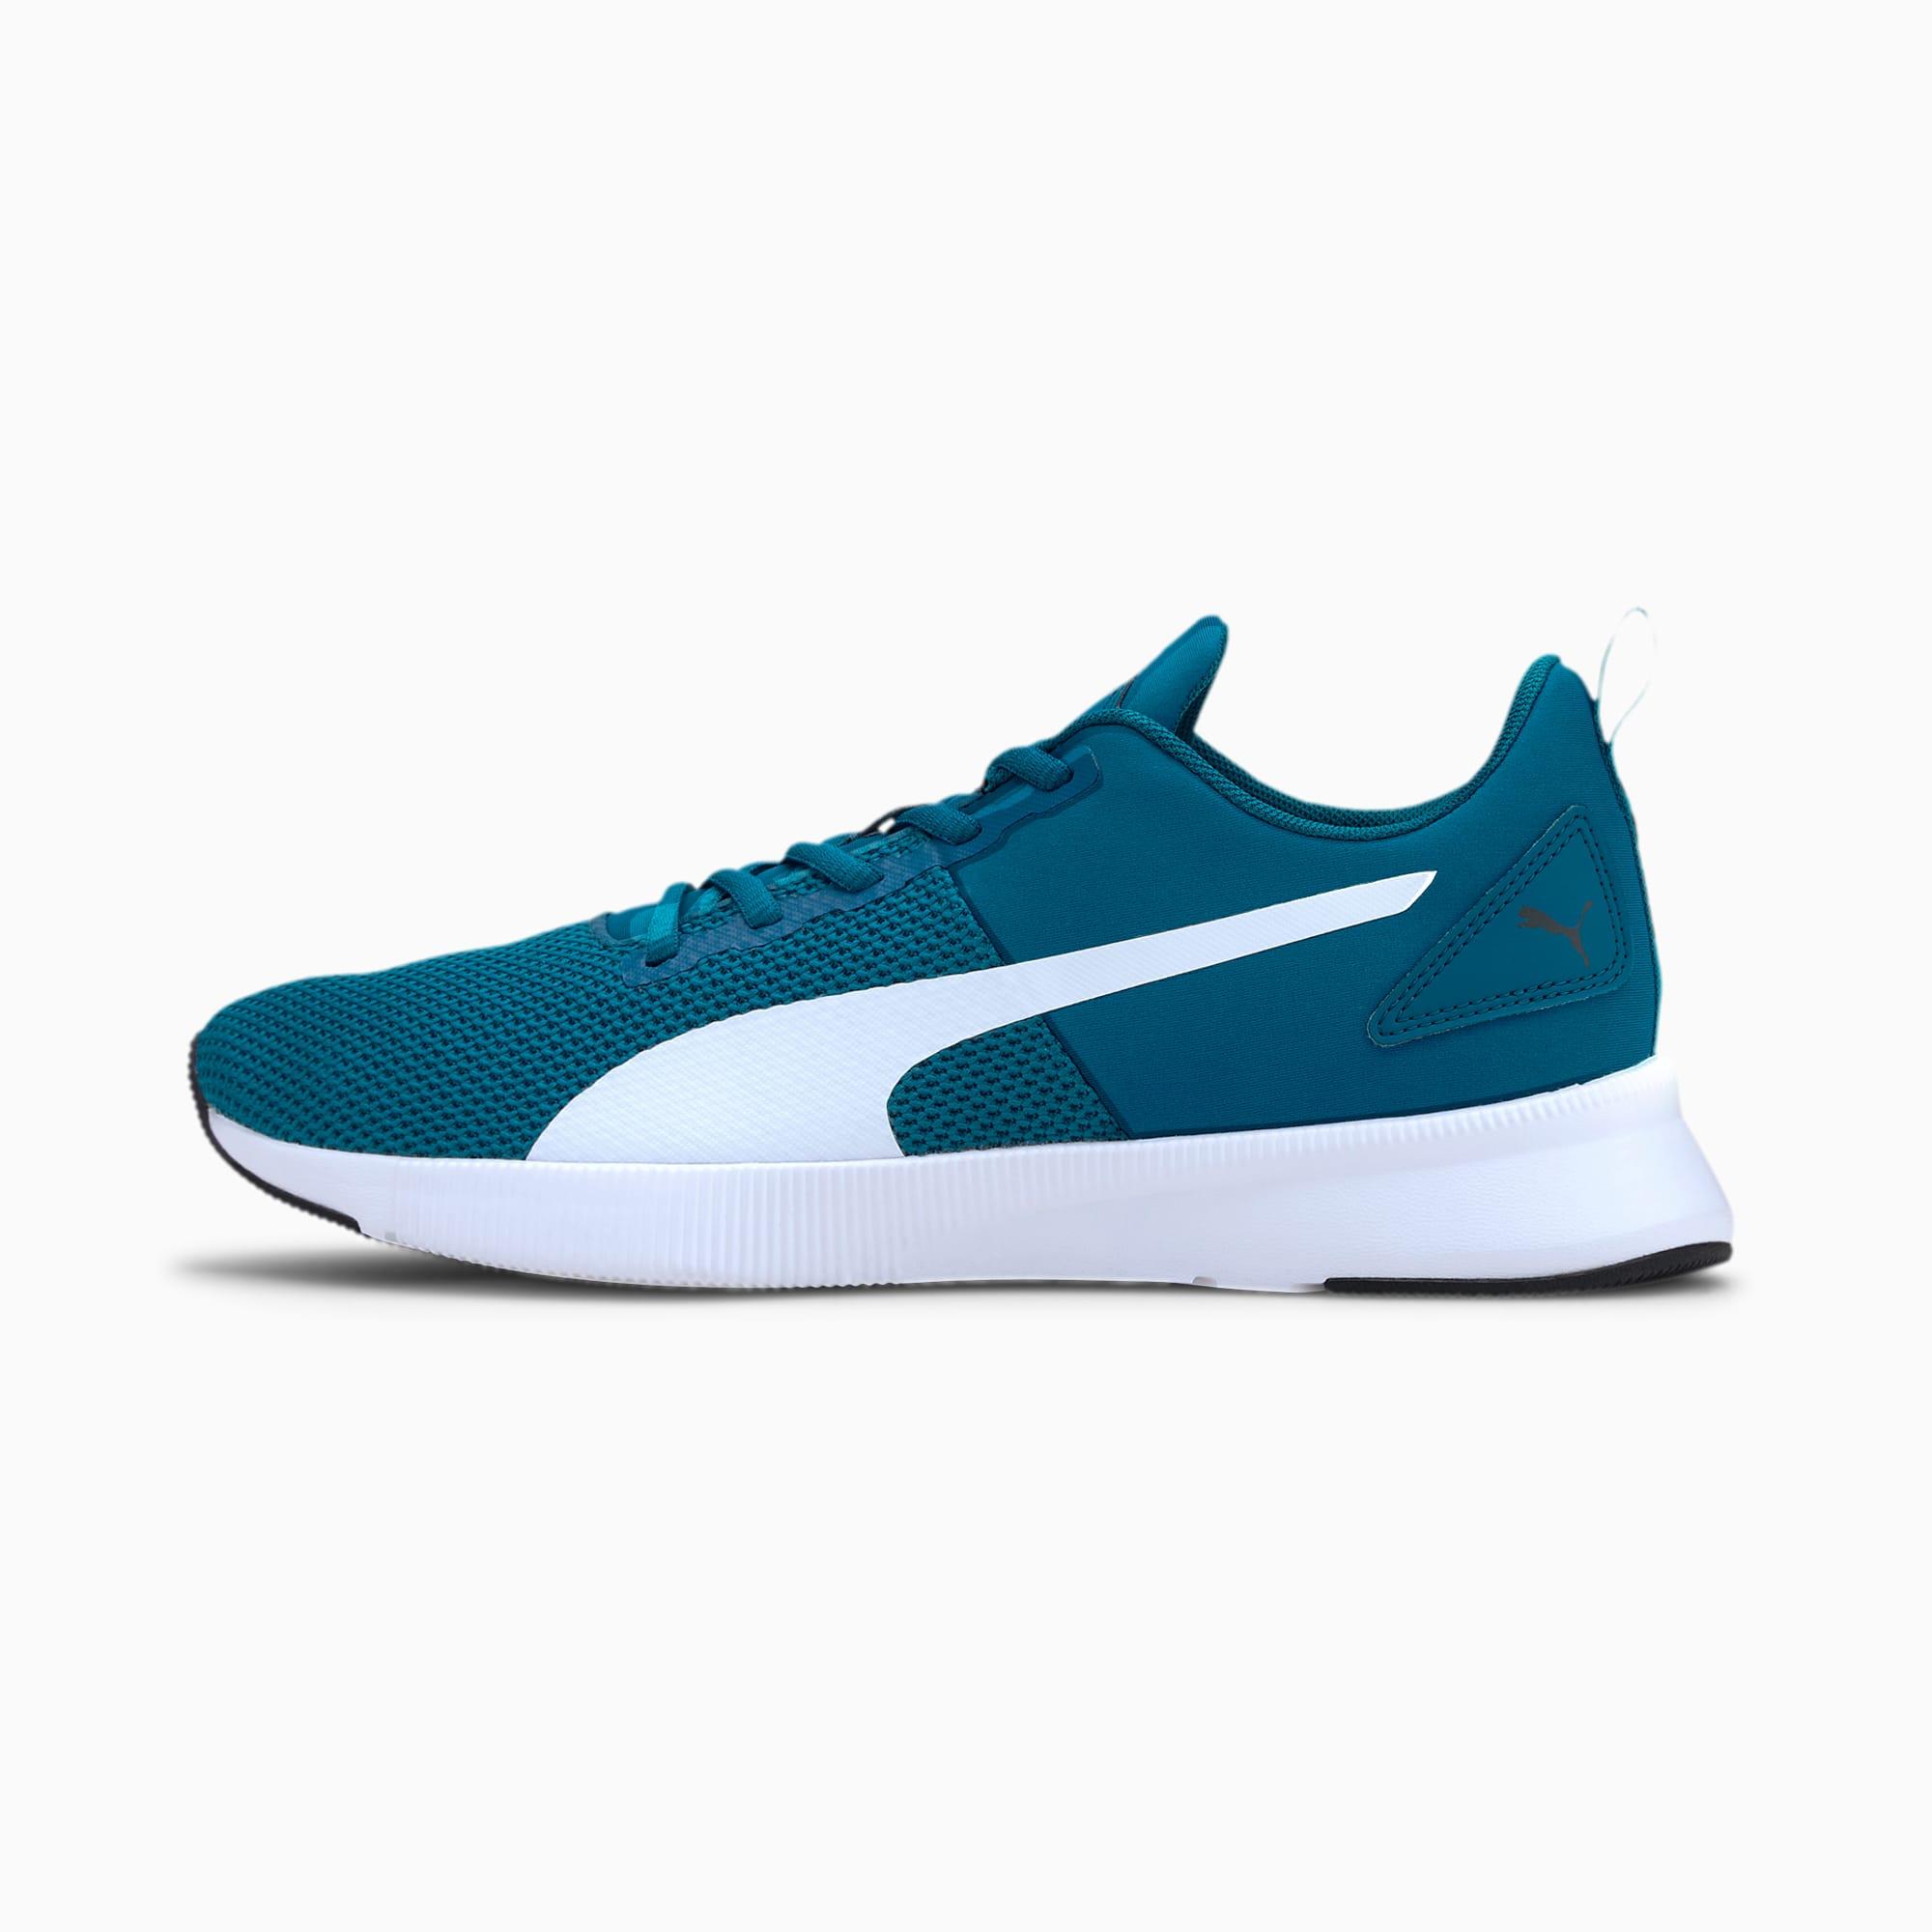 PUMA Chaussure de course Flyer Runner, Blanc/Bleu, Taille 37.5, Chaussures